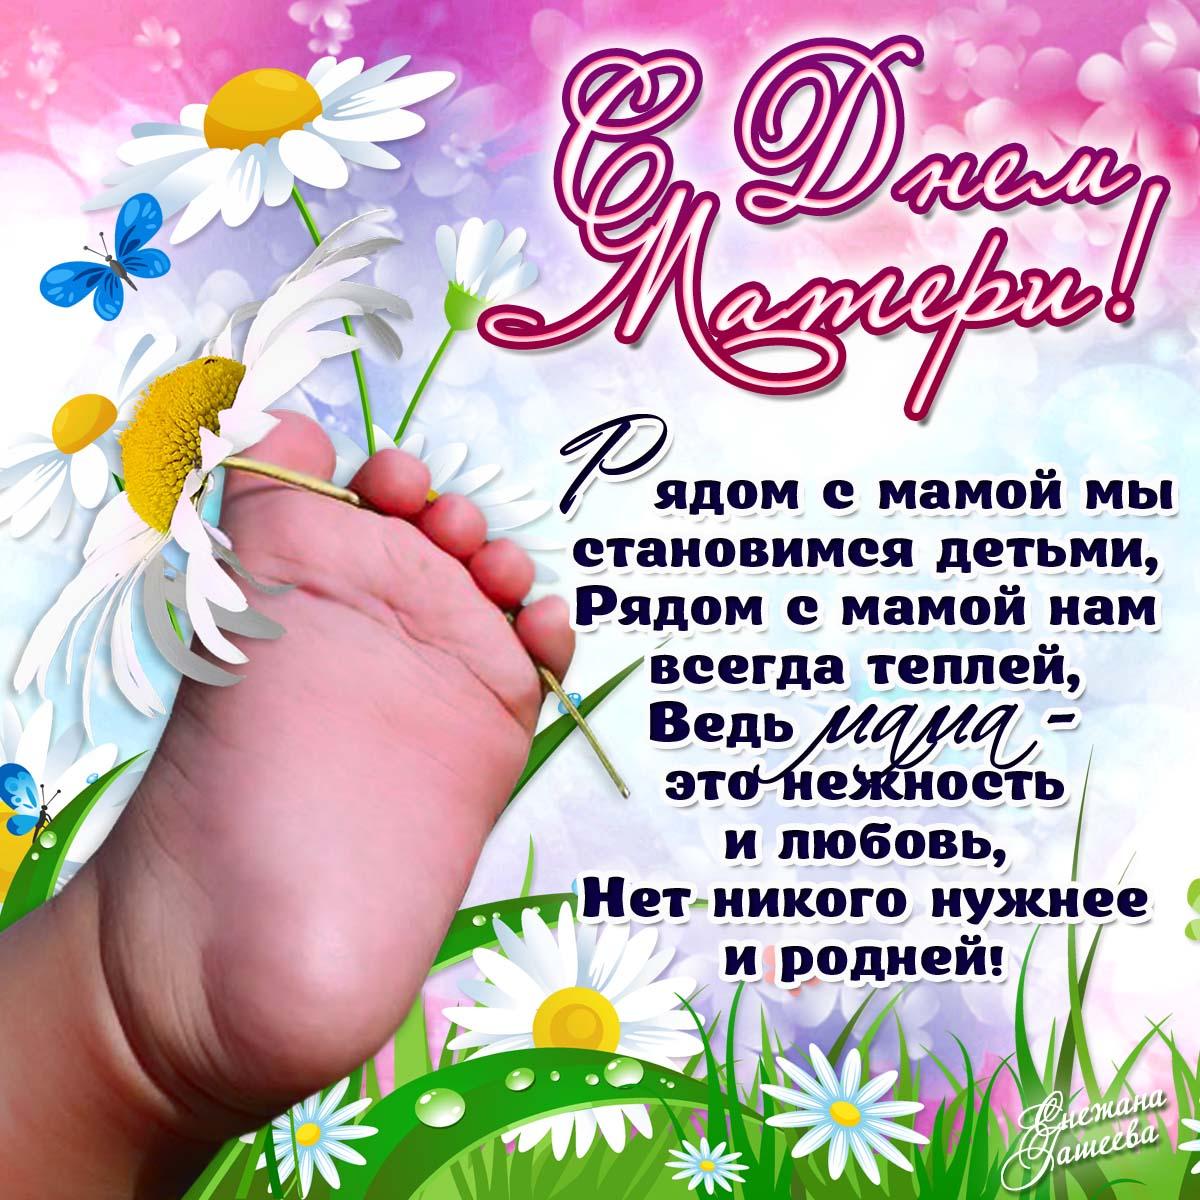 Поздравления в картинках к дню матери